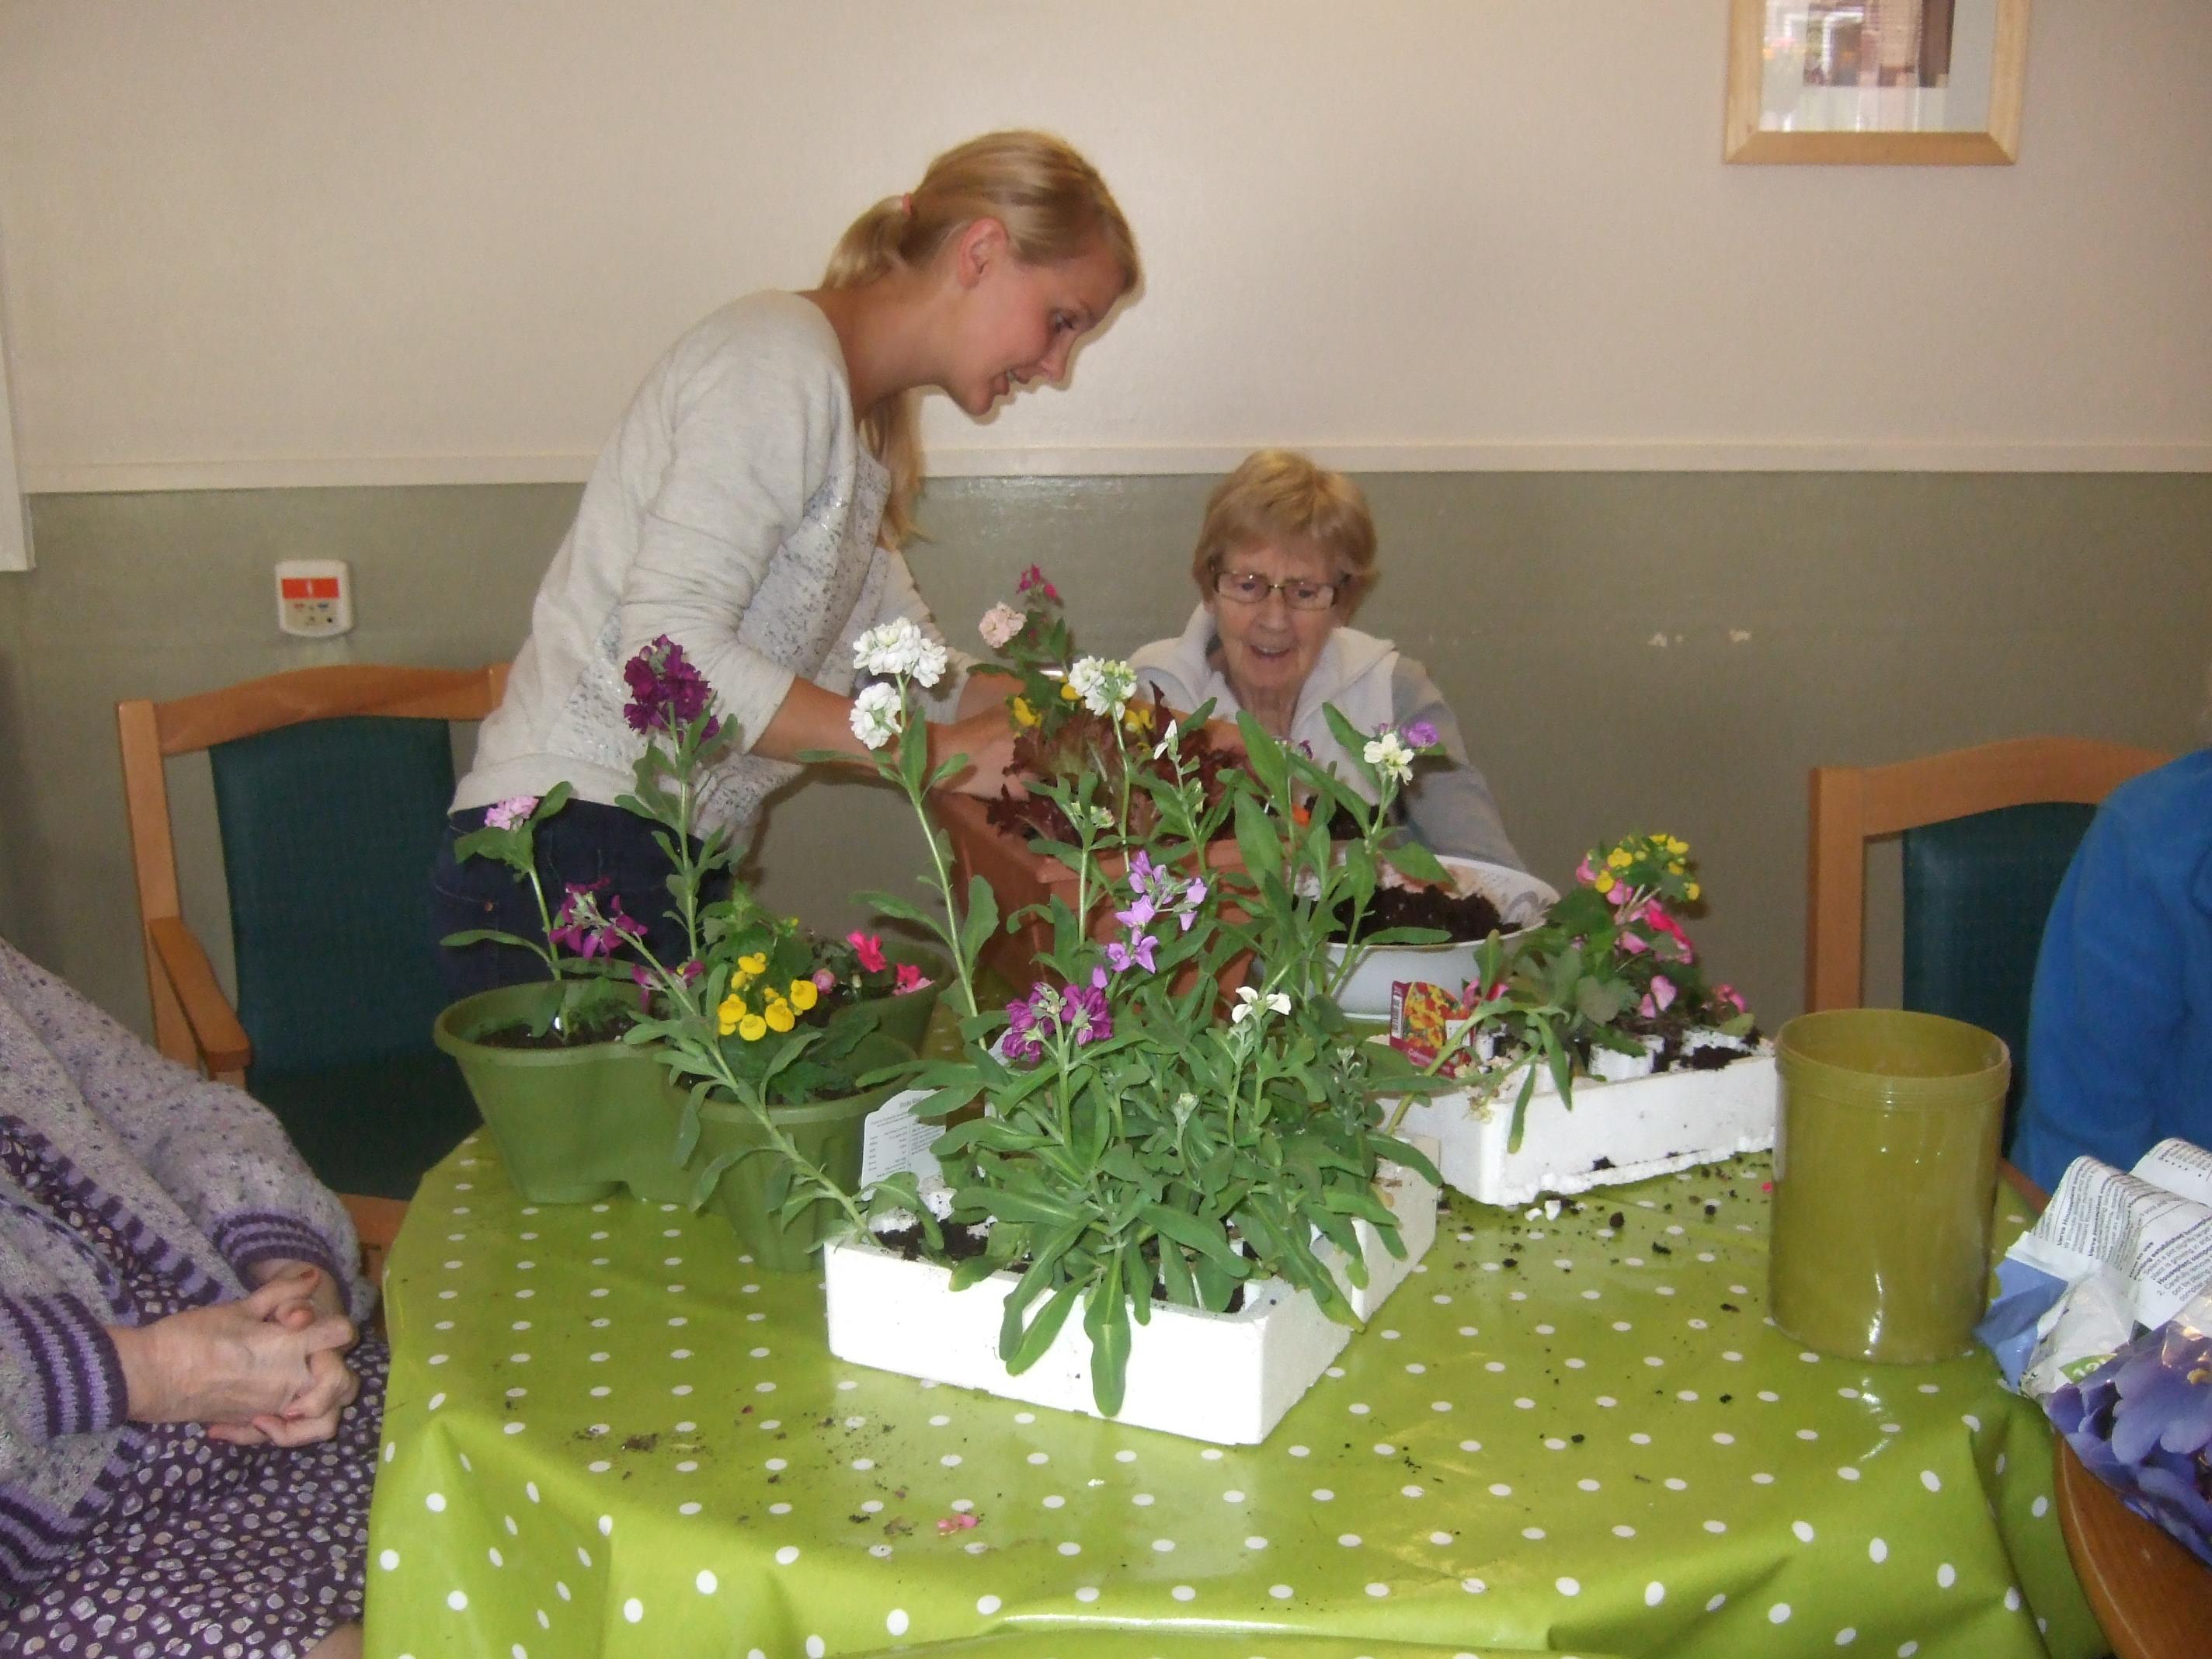 Flower cutting activities